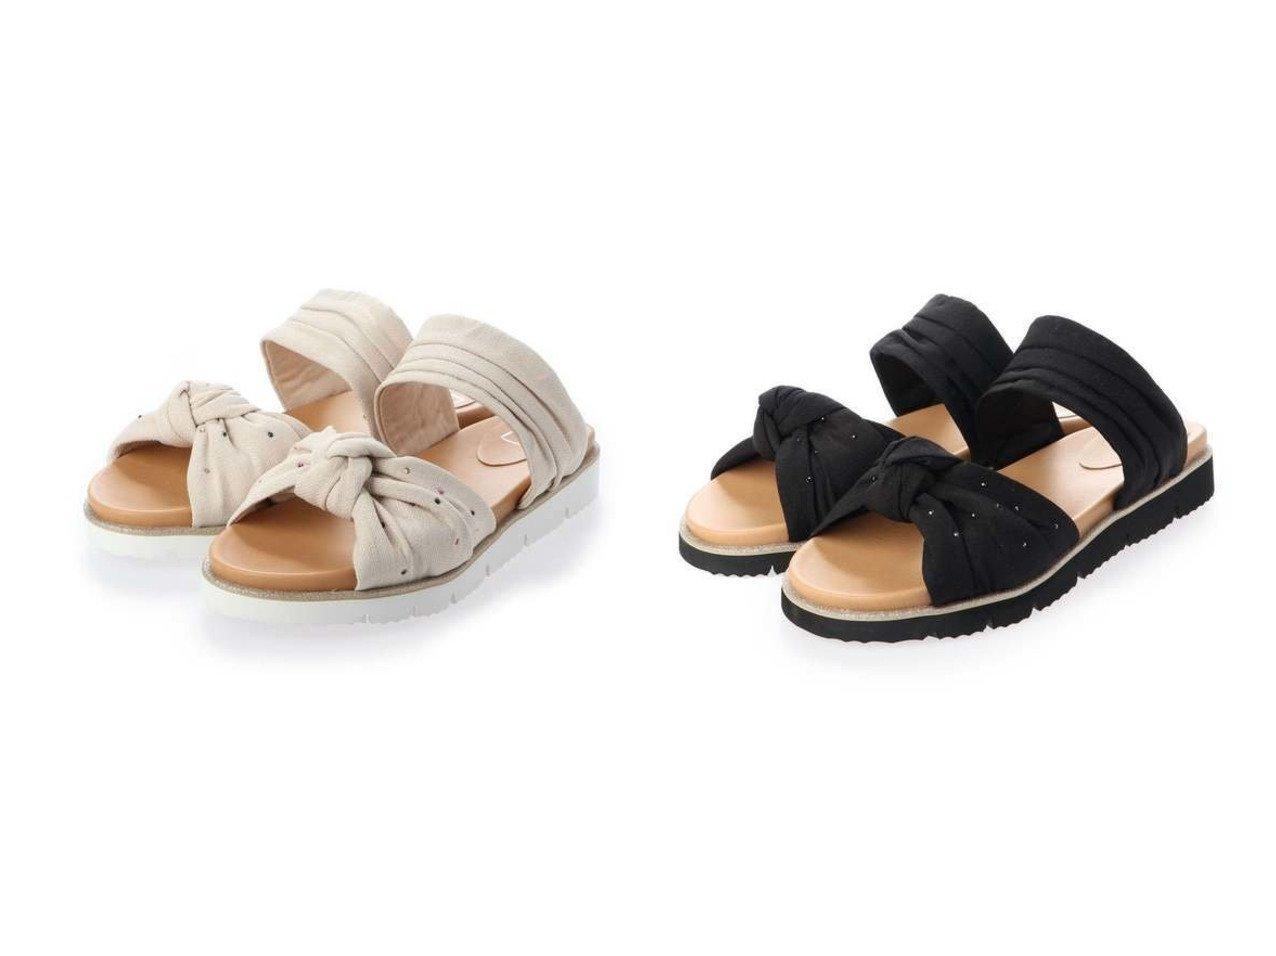 【ing/イング】のing 【i.ing】フラットミュールサンダル シューズ・靴のおすすめ!人気、トレンド・レディースファッションの通販  おすすめで人気の流行・トレンド、ファッションの通販商品 メンズファッション・キッズファッション・インテリア・家具・レディースファッション・服の通販 founy(ファニー) https://founy.com/ ファッション Fashion レディースファッション WOMEN 送料無料 Free Shipping サンダル ストーン フェミニン フラット リボン  ID:crp329100000015628